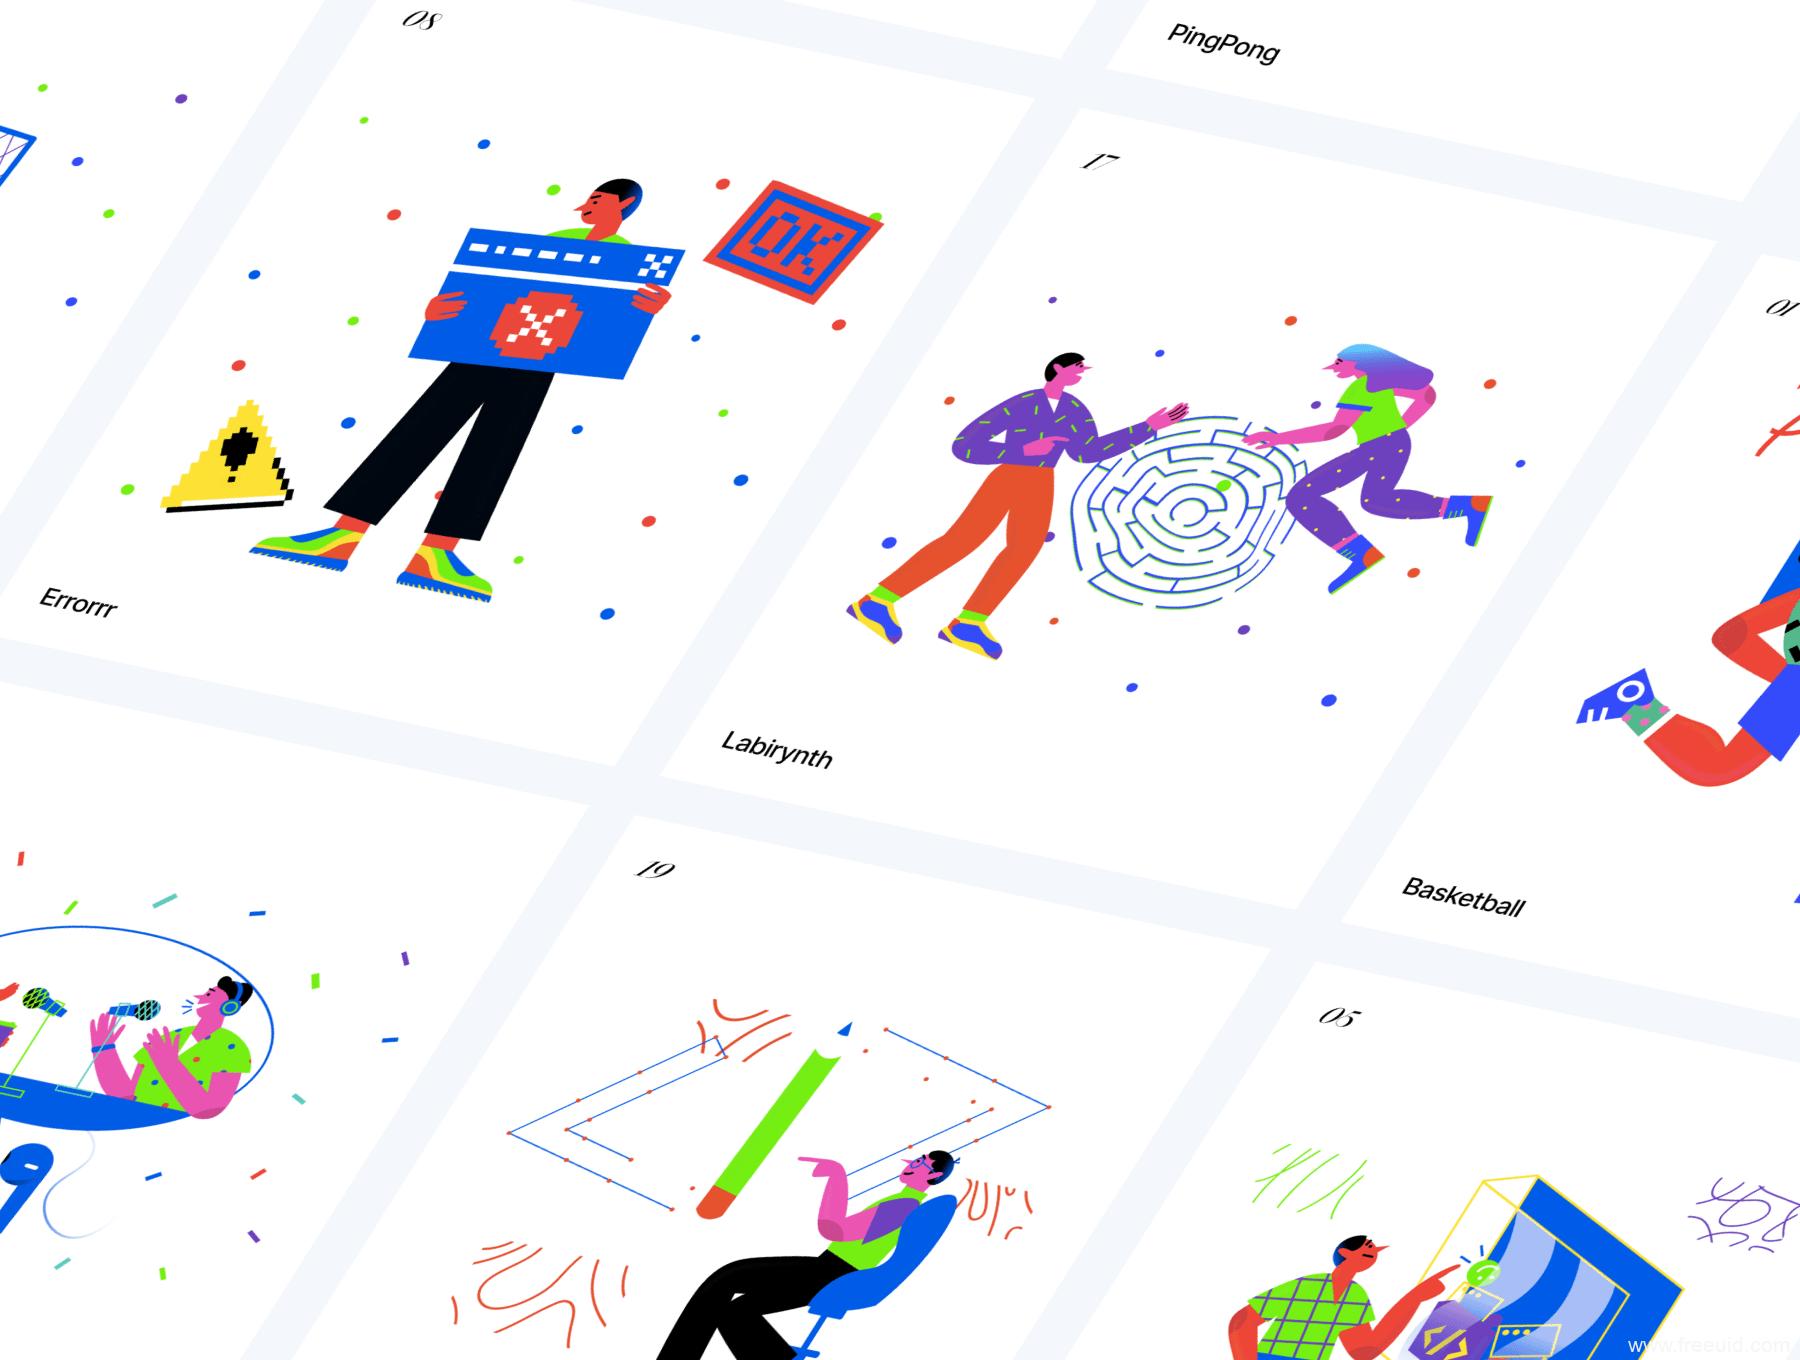 20个流行风格UI插画,现代风运营矢量插画ai、sketch、svg源文件下载